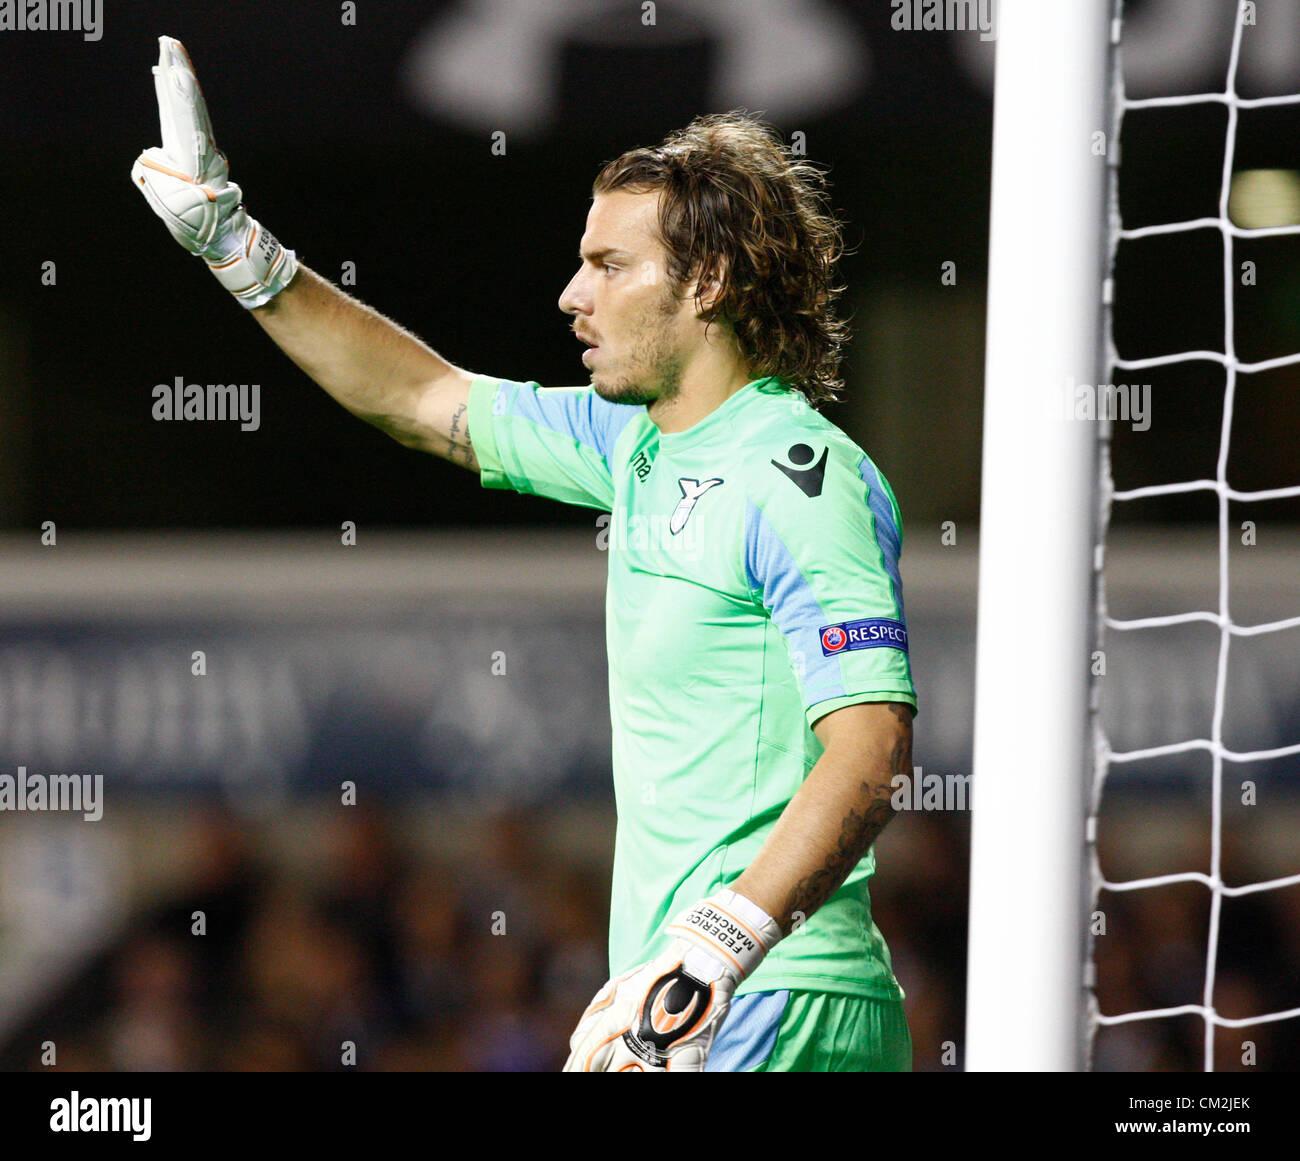 20 09 2012 London ENGLAND Federico Marchetti of S S Lazio in